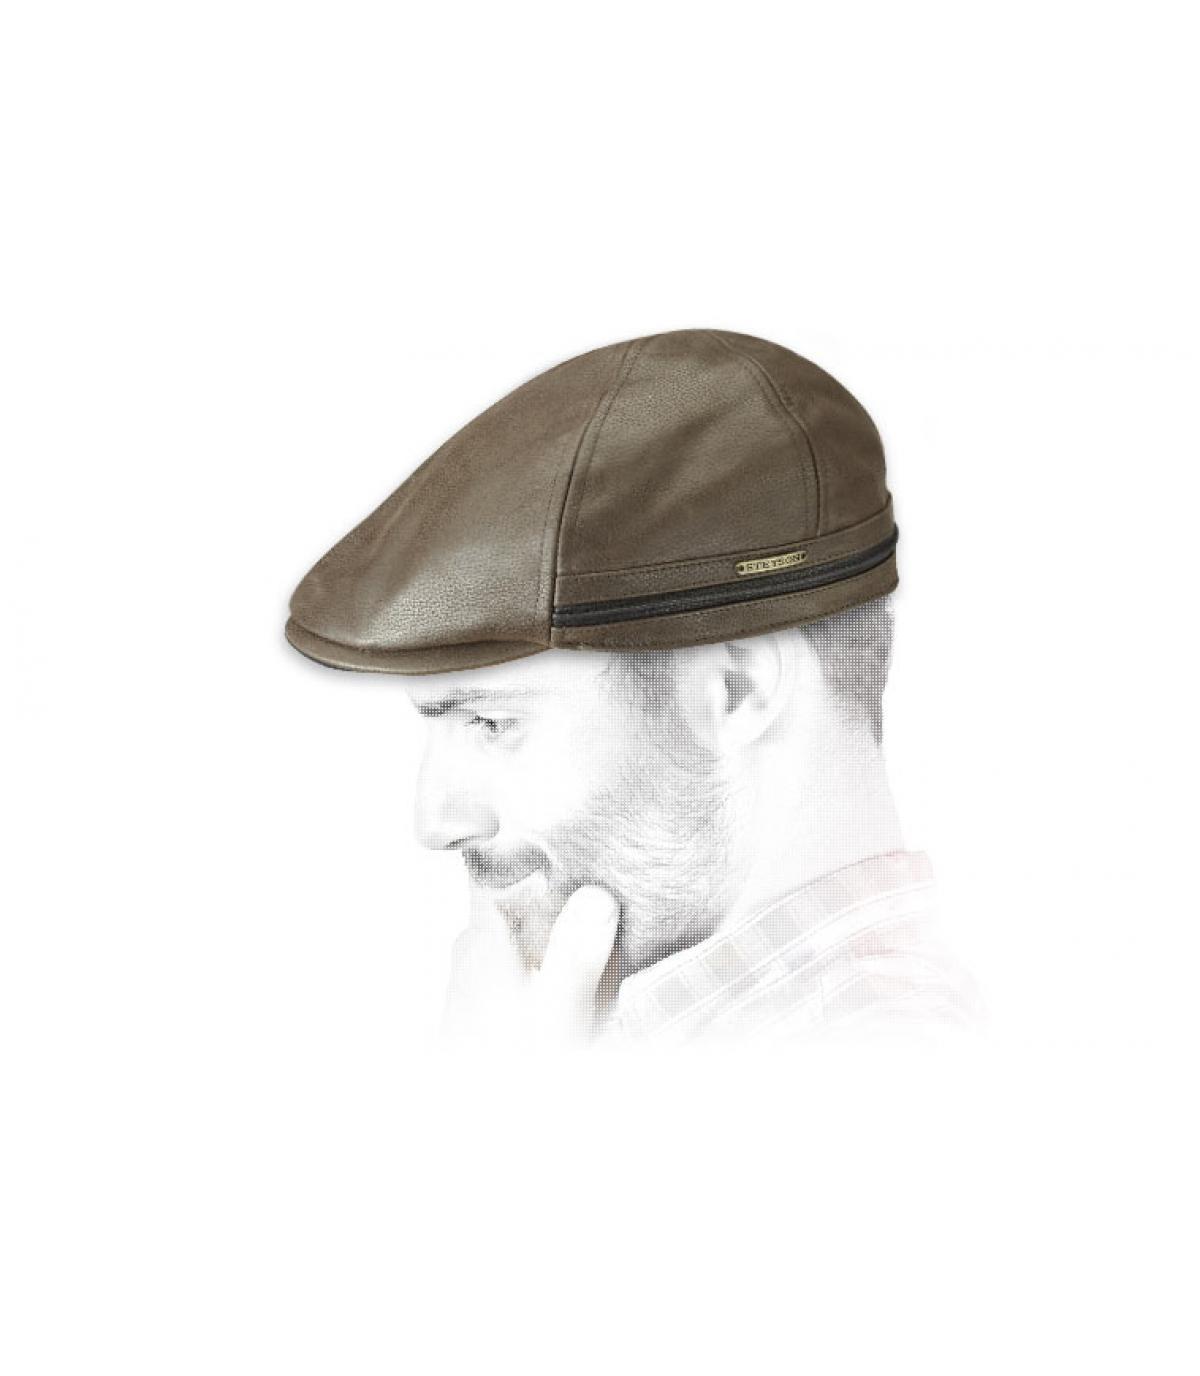 Détails Redding Earflap Cowhide brown - image 4